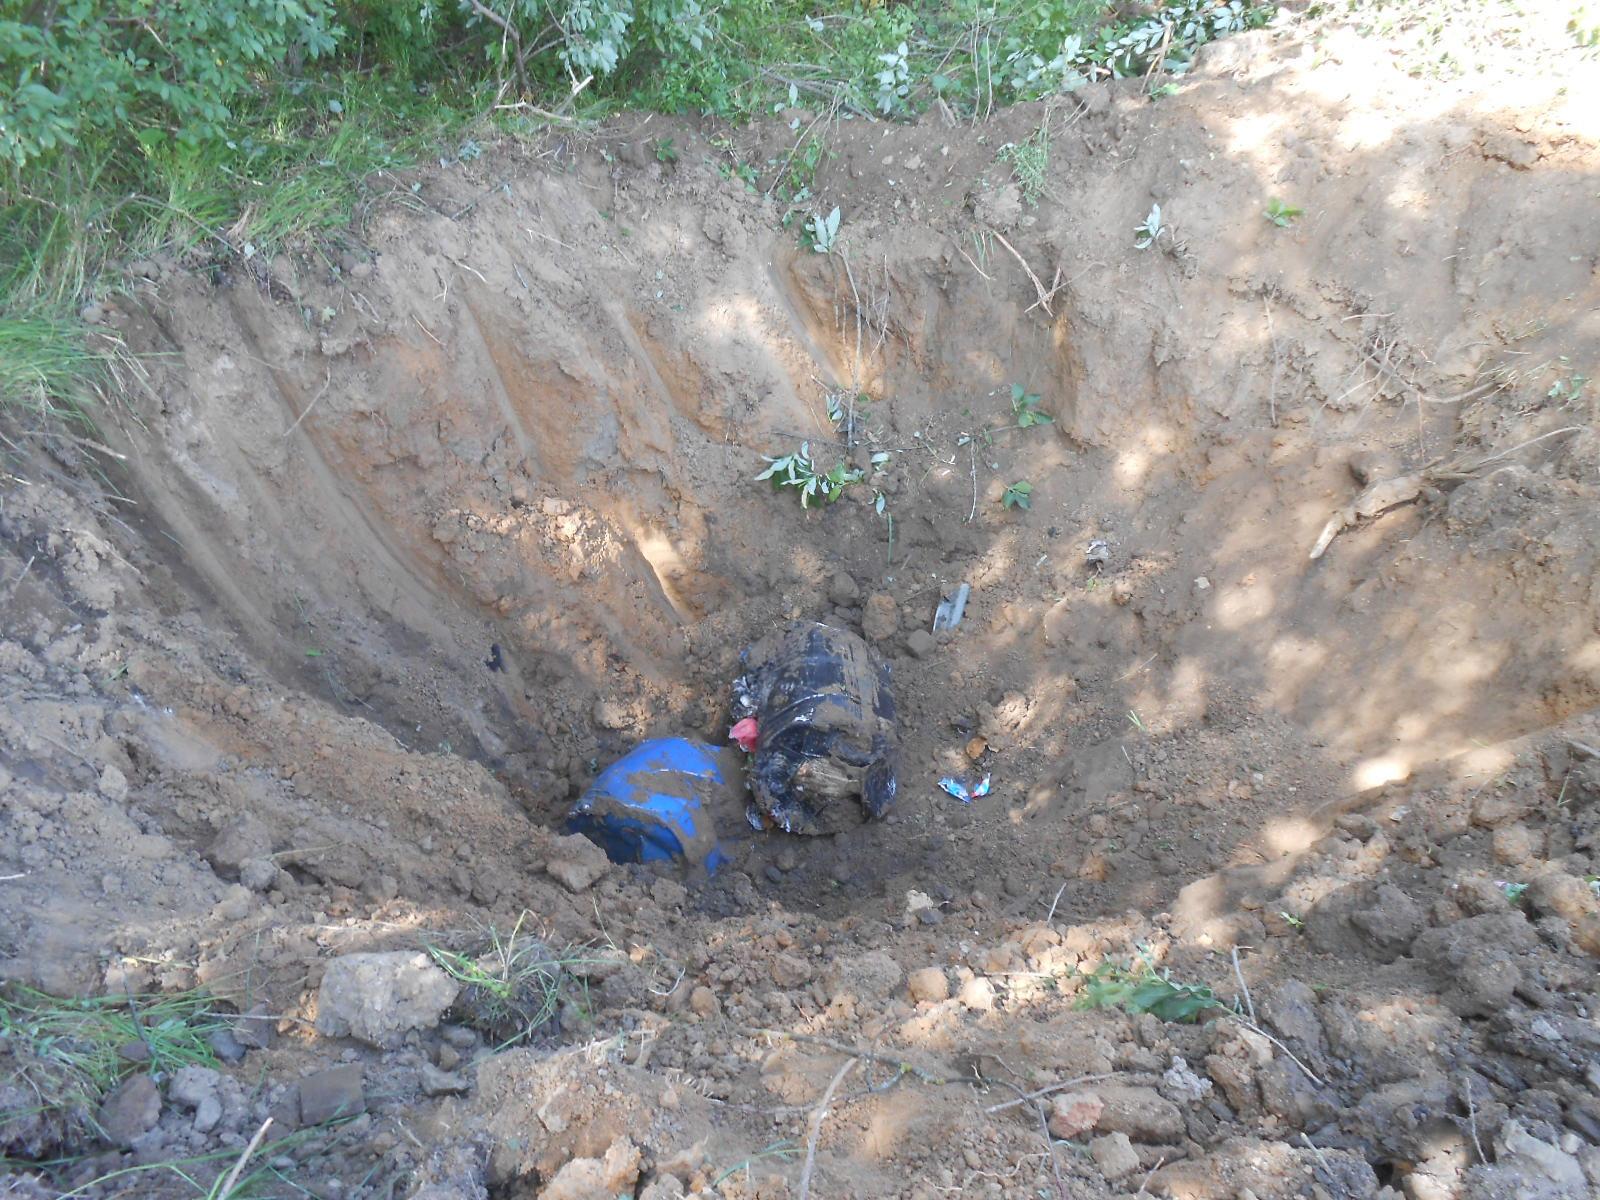 В Ярославском районе провели проверку по факту несанкционированного размещения бочек с неизвестным веществом